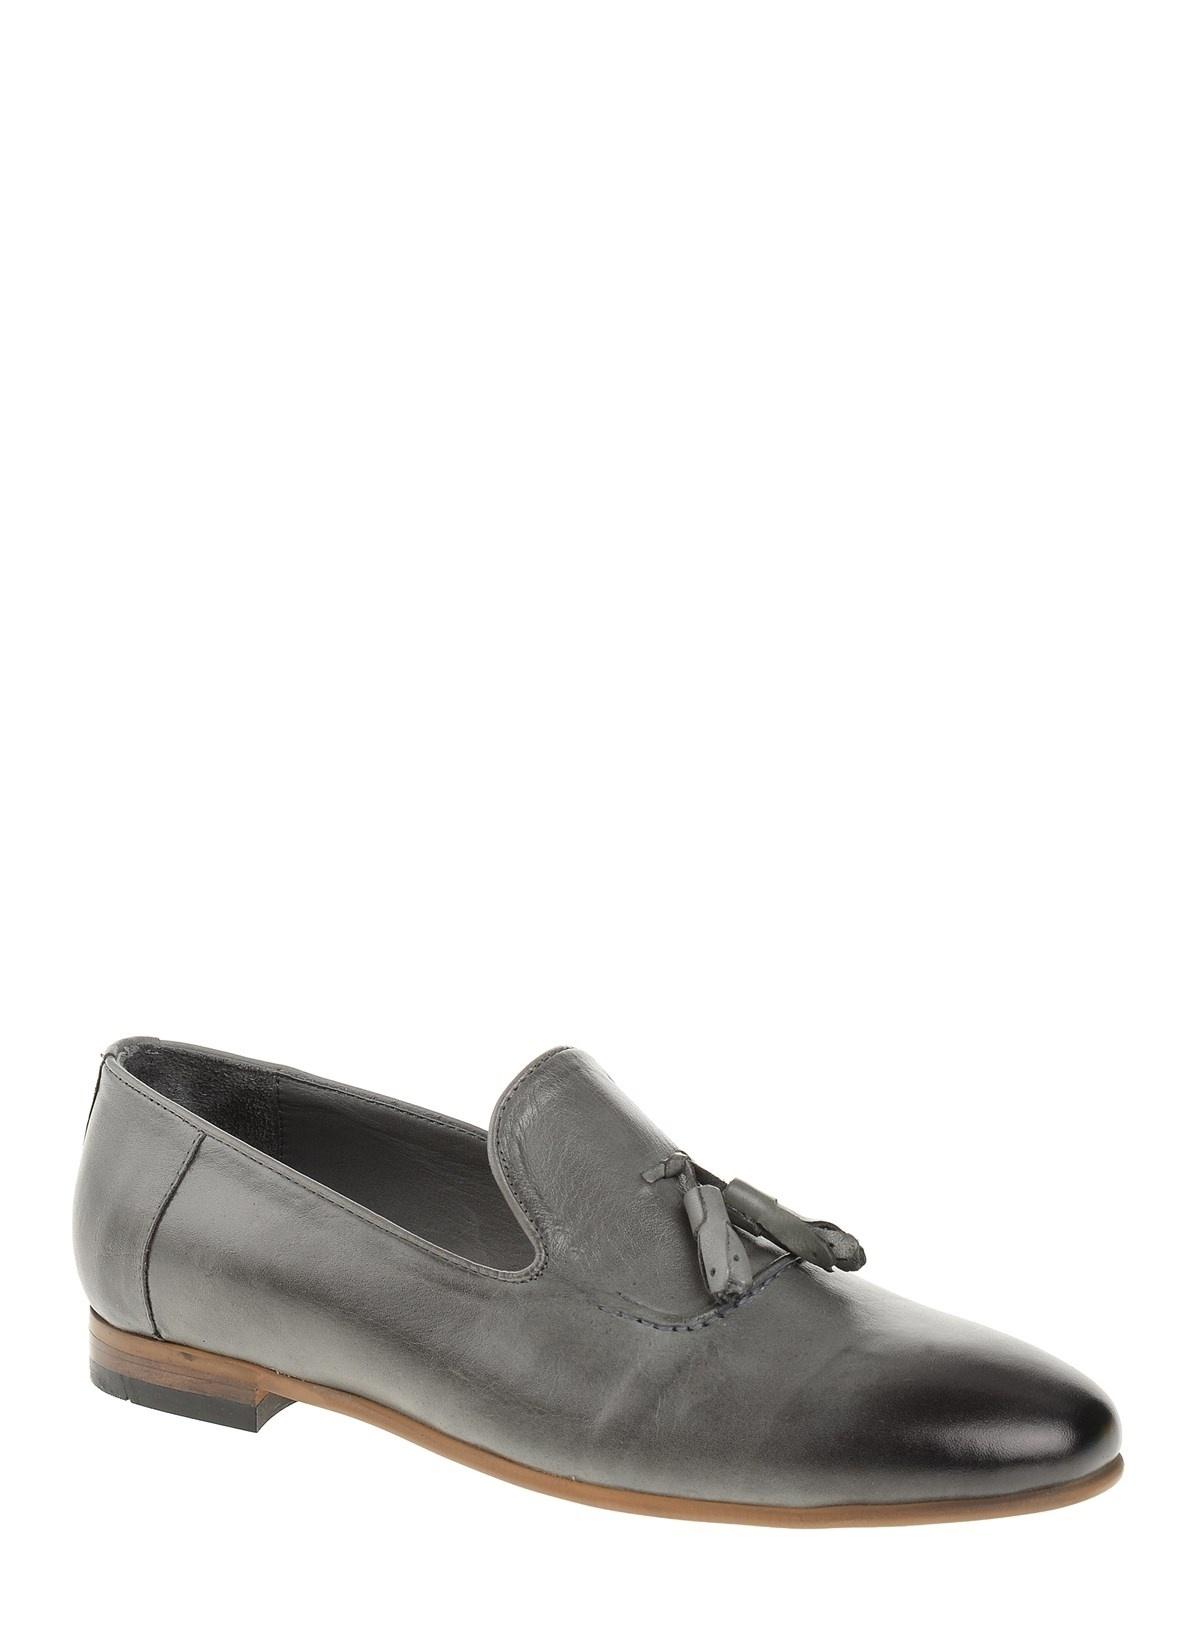 Derigo Loafer Ayakkabı 308004 Casual Ayakkabı – 209.9 TL